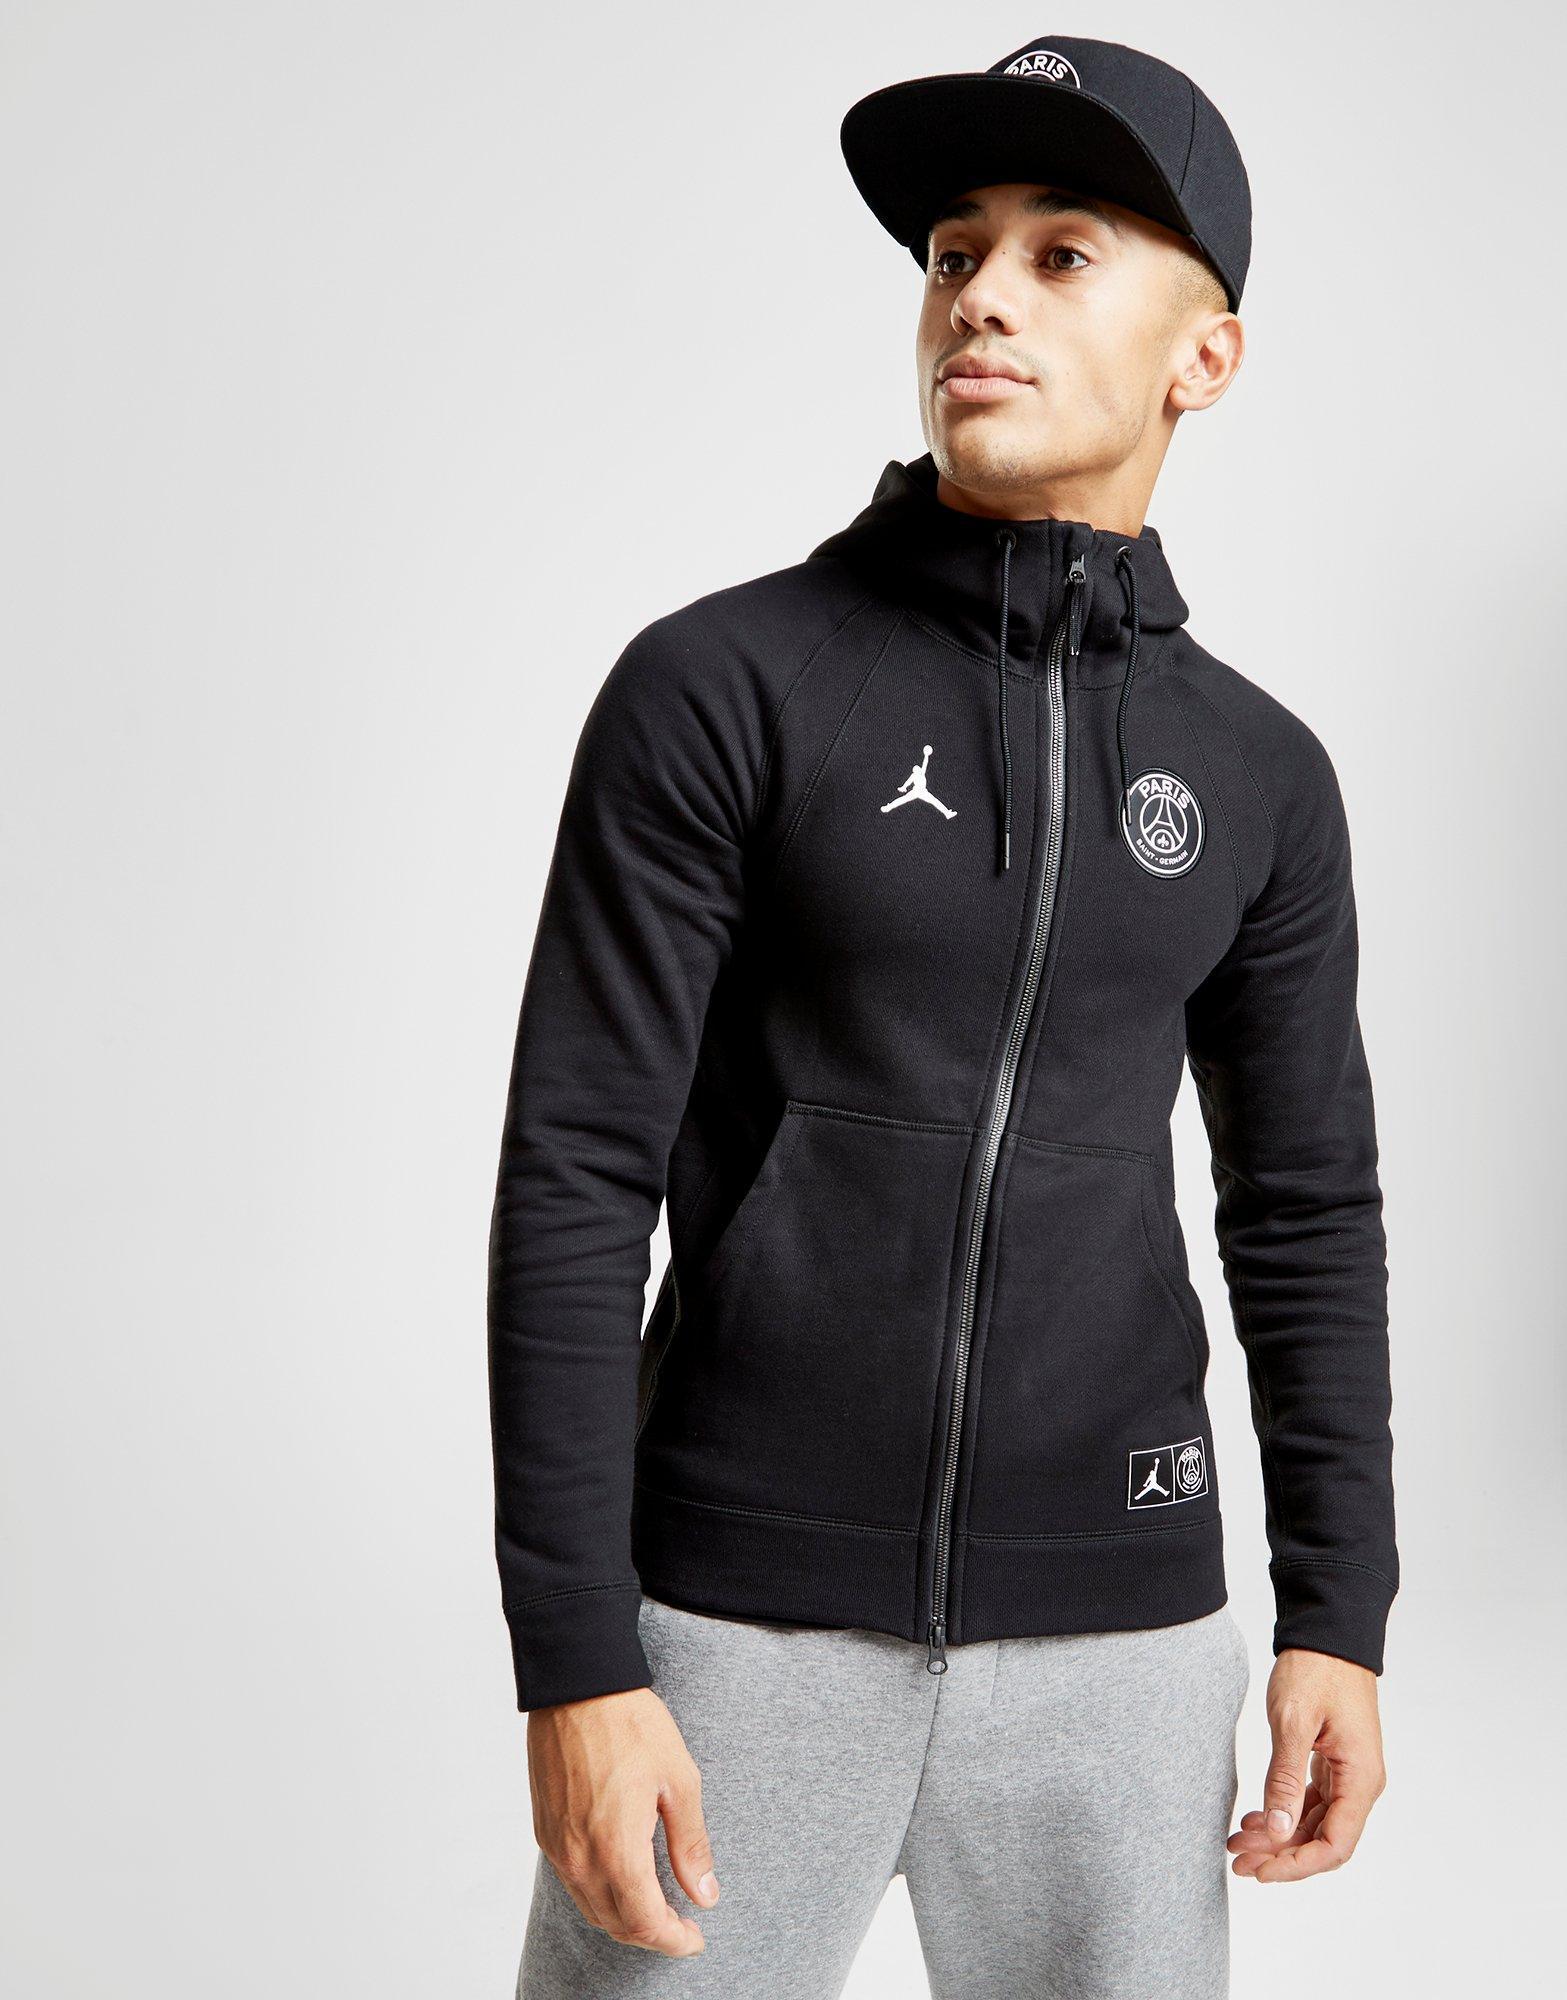 90dec981c09 Nike X Paris Saint Germain Wings Full Zip Hoodie in Black for Men - Lyst